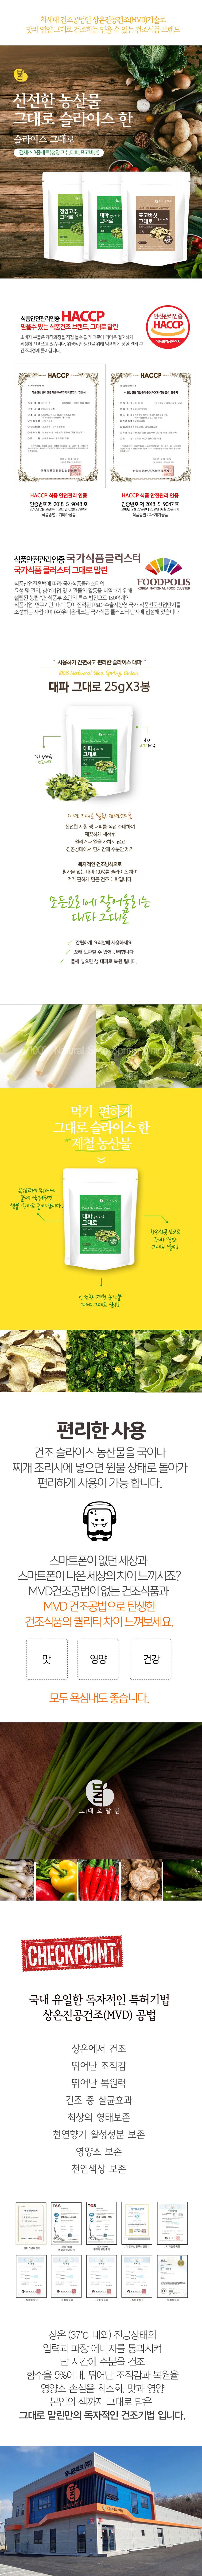 Malrin_slice-greenpepper_07.jpg